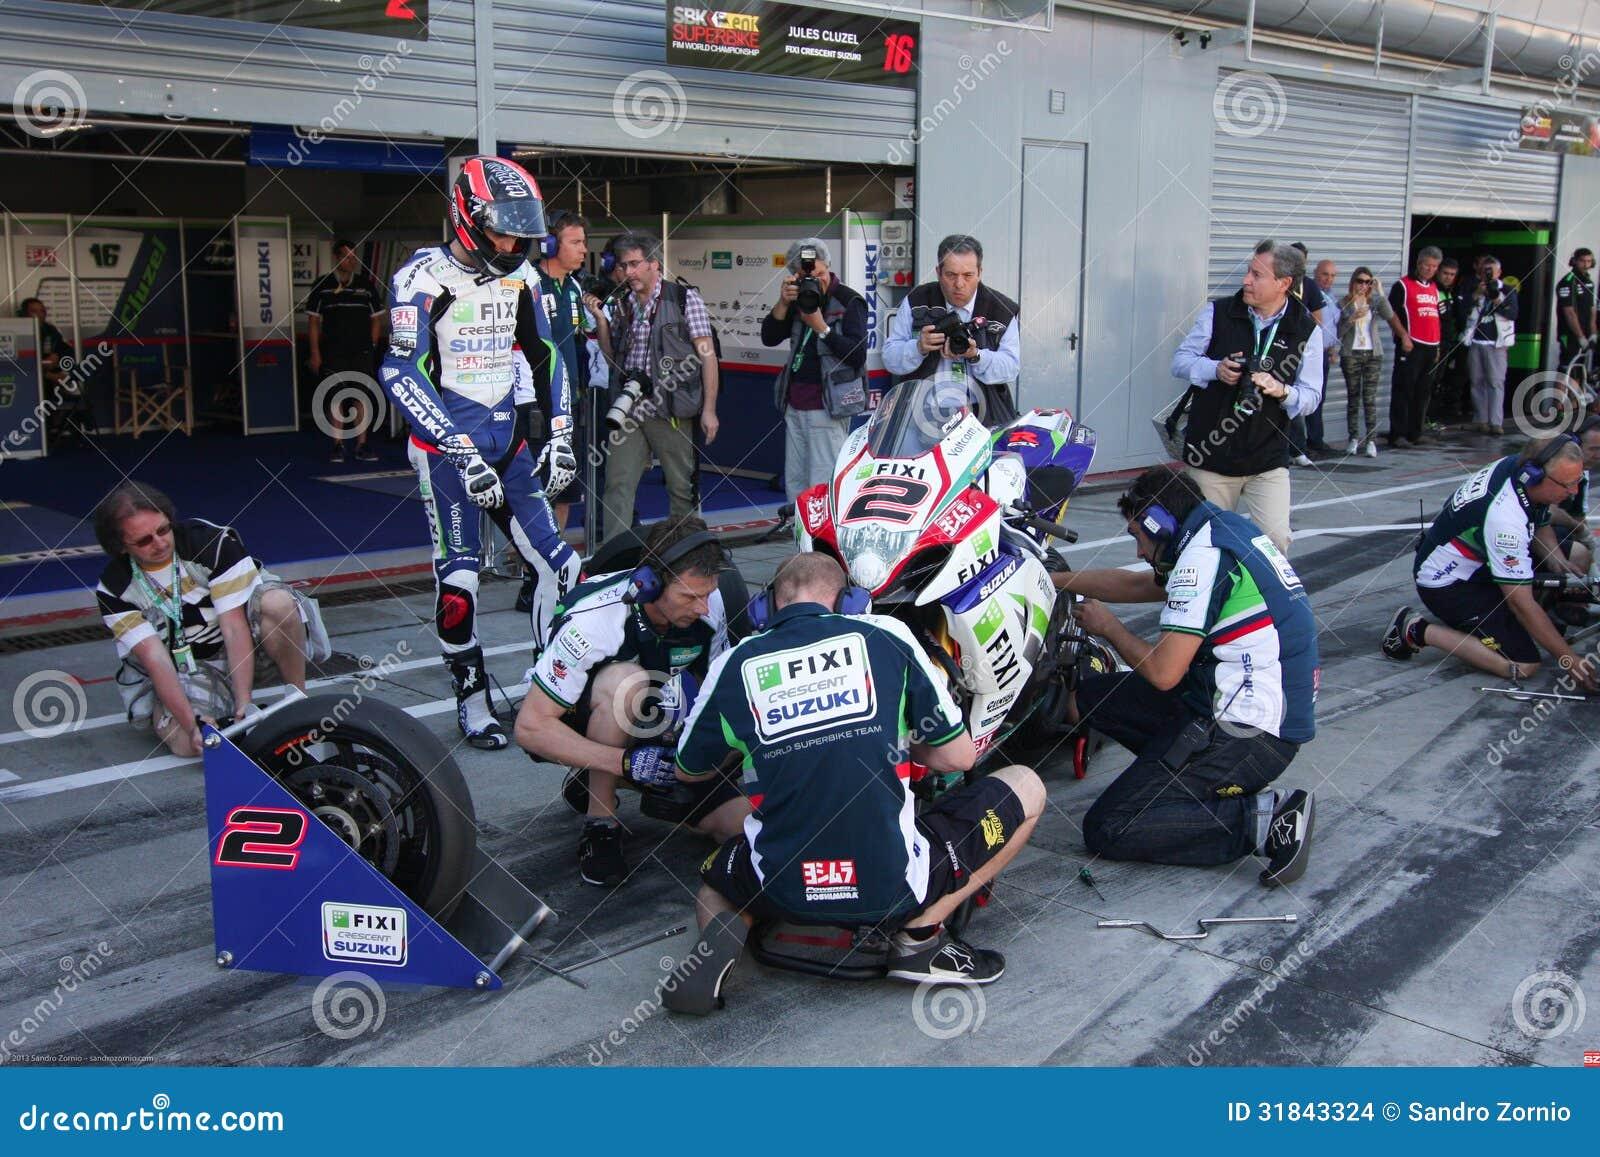 Pit Stop with Mechanical working on Suzuki GSX-R1000 Team Fixi Crescent Suzuki Superbike WSBK